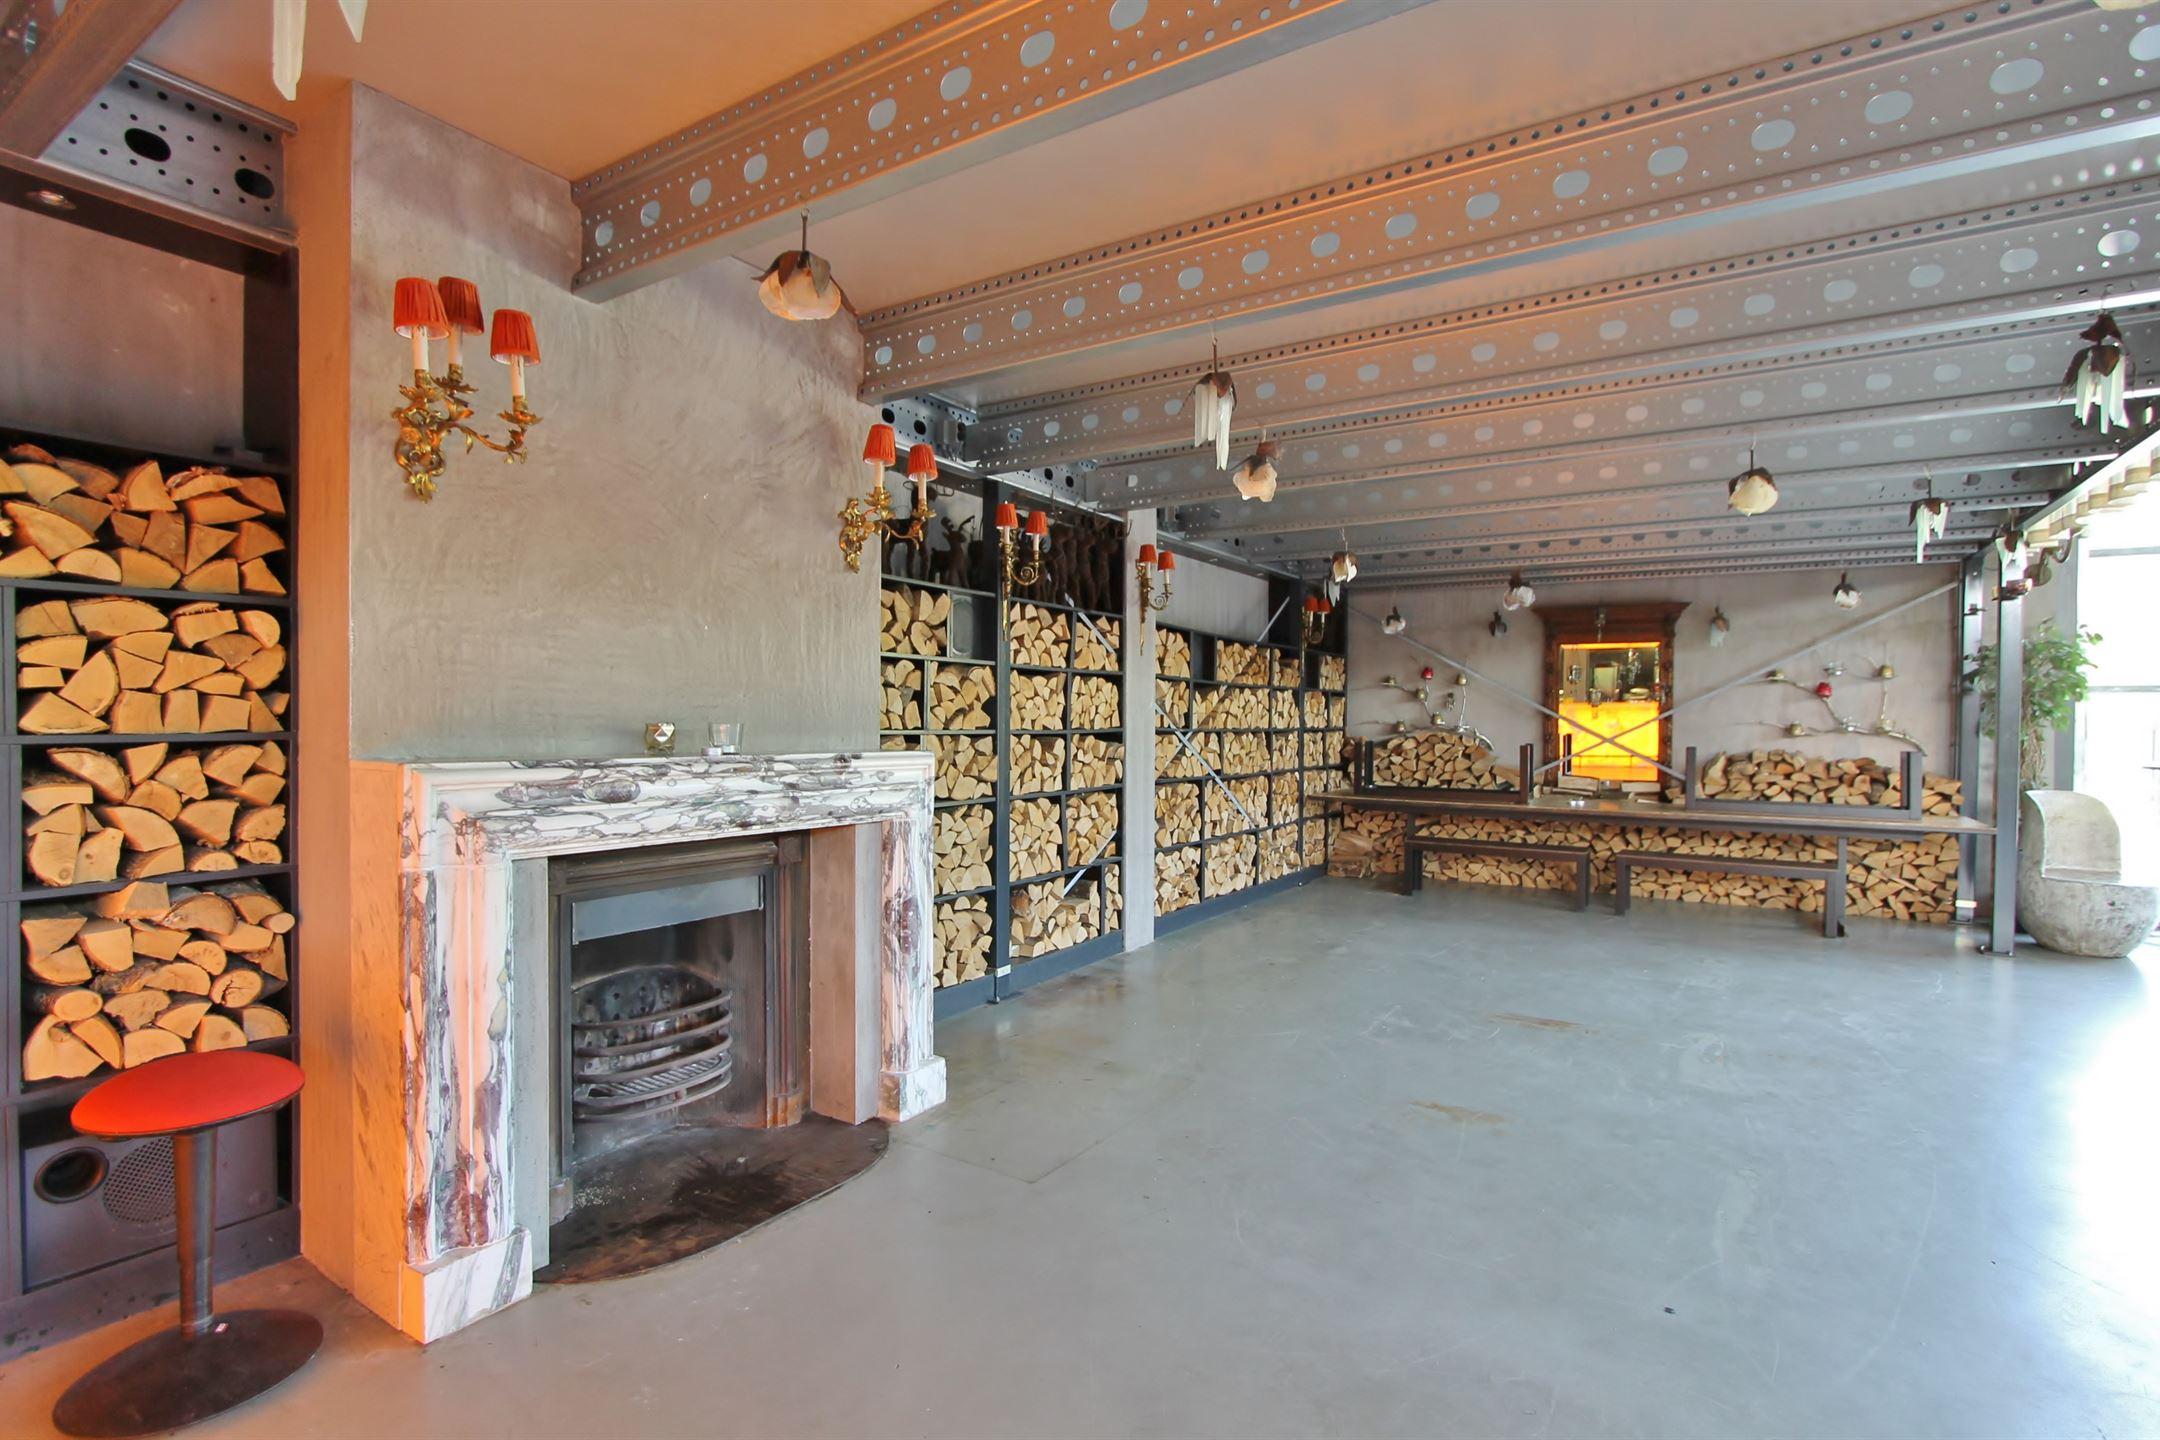 Kantoor Groningen Zoek Kantoren Te Koop Neutronstraat 3 9743 Am